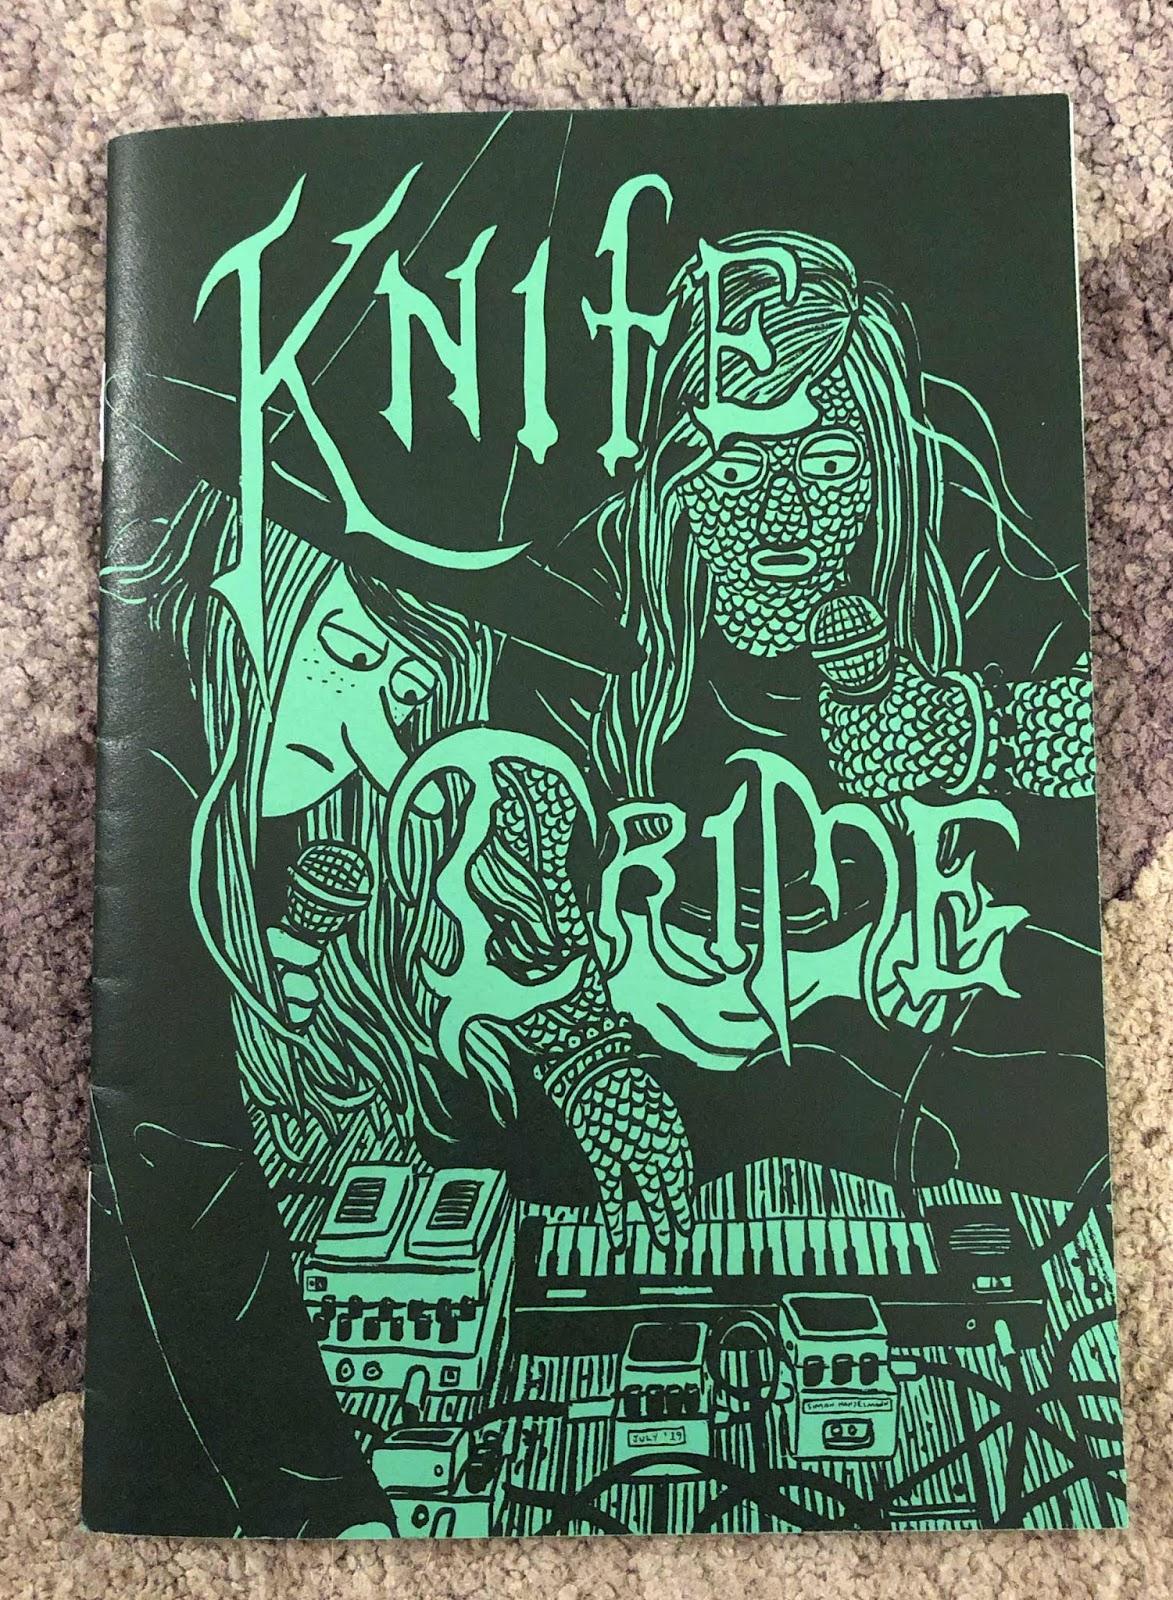 The Newest Rant Knife Crime By Simon Hanselmann Is